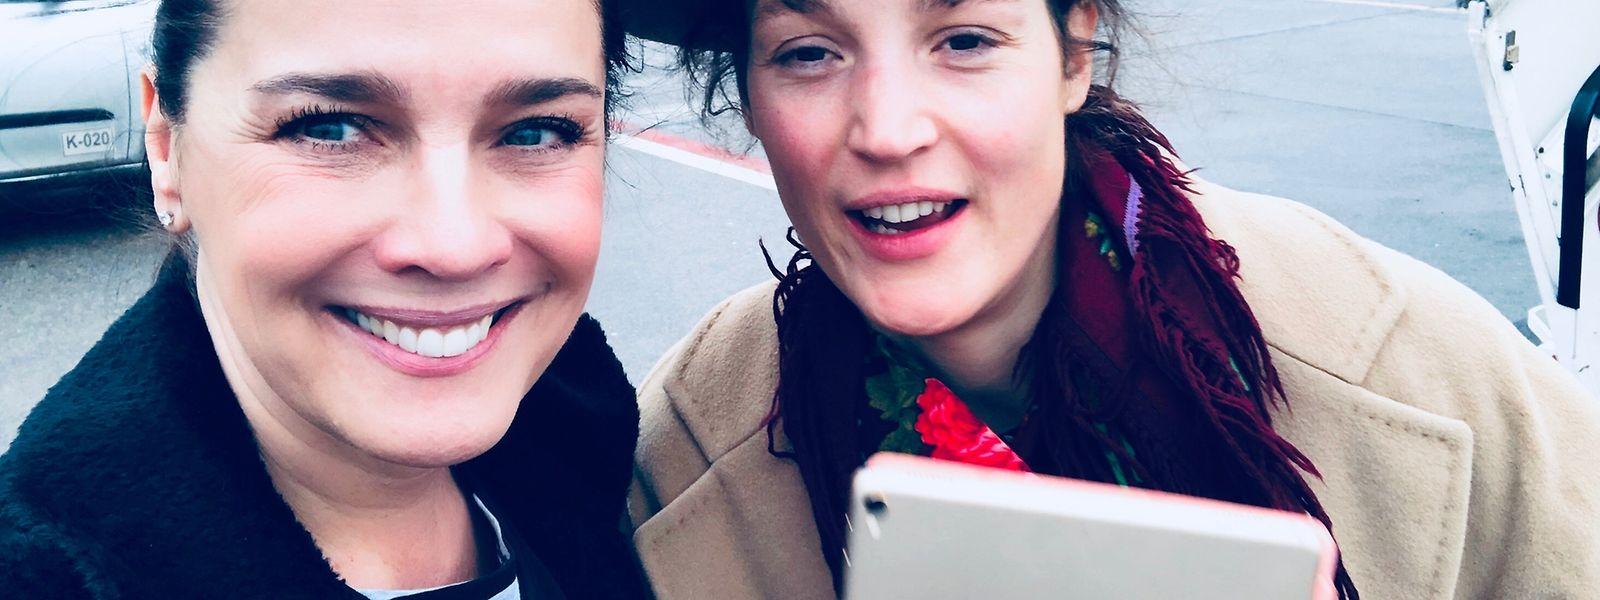 """""""Zwei Luxemburger schicken liebe Grüße nach Hause!"""" - so melden sich Désirée Nosbusch und Vicky Krieps am Tag nach der Verleihung vom Flughafen."""